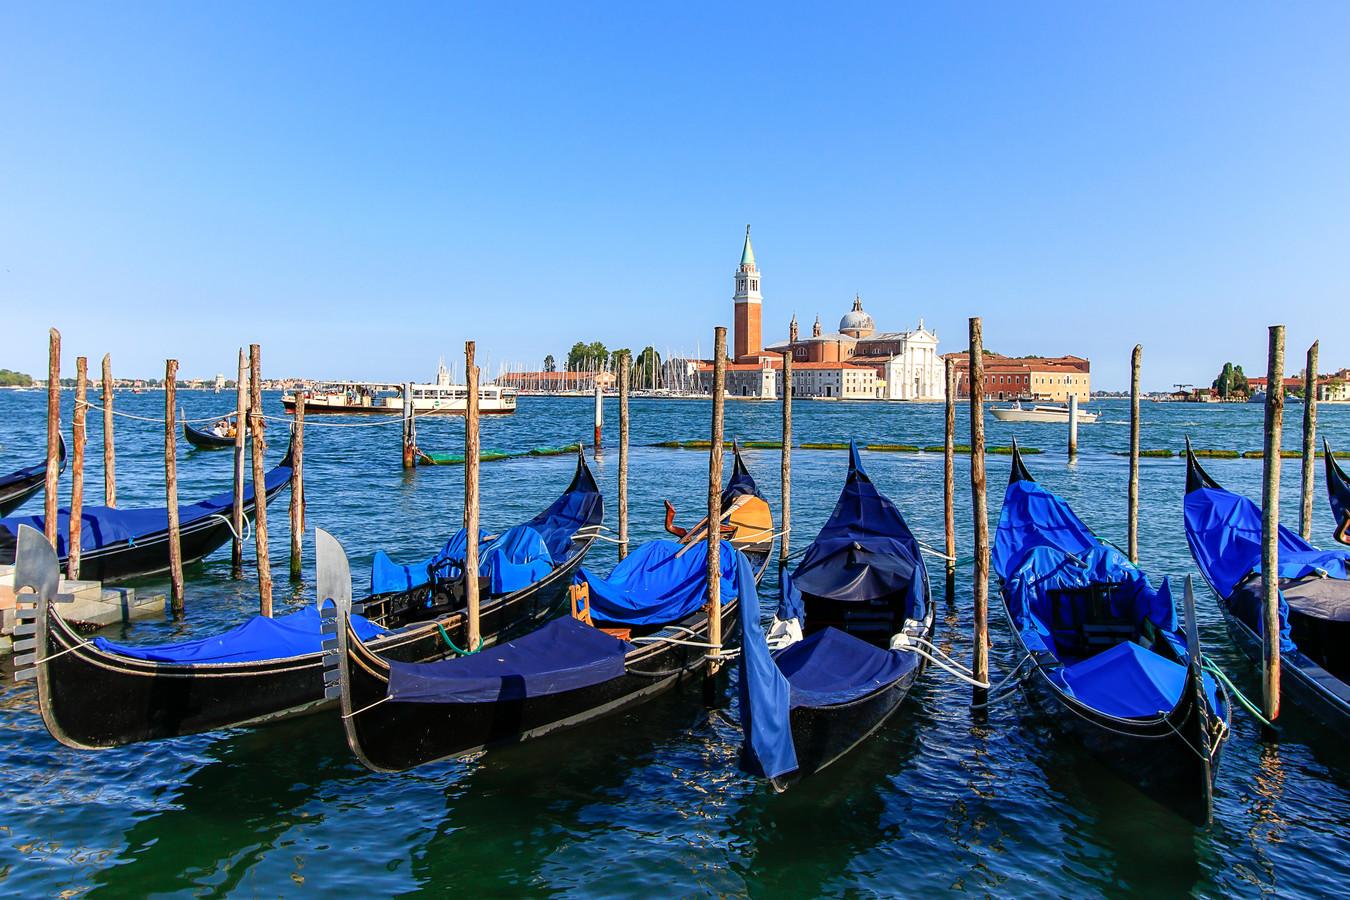 Venetië, een van de bestemmingen van de slaaptrein.